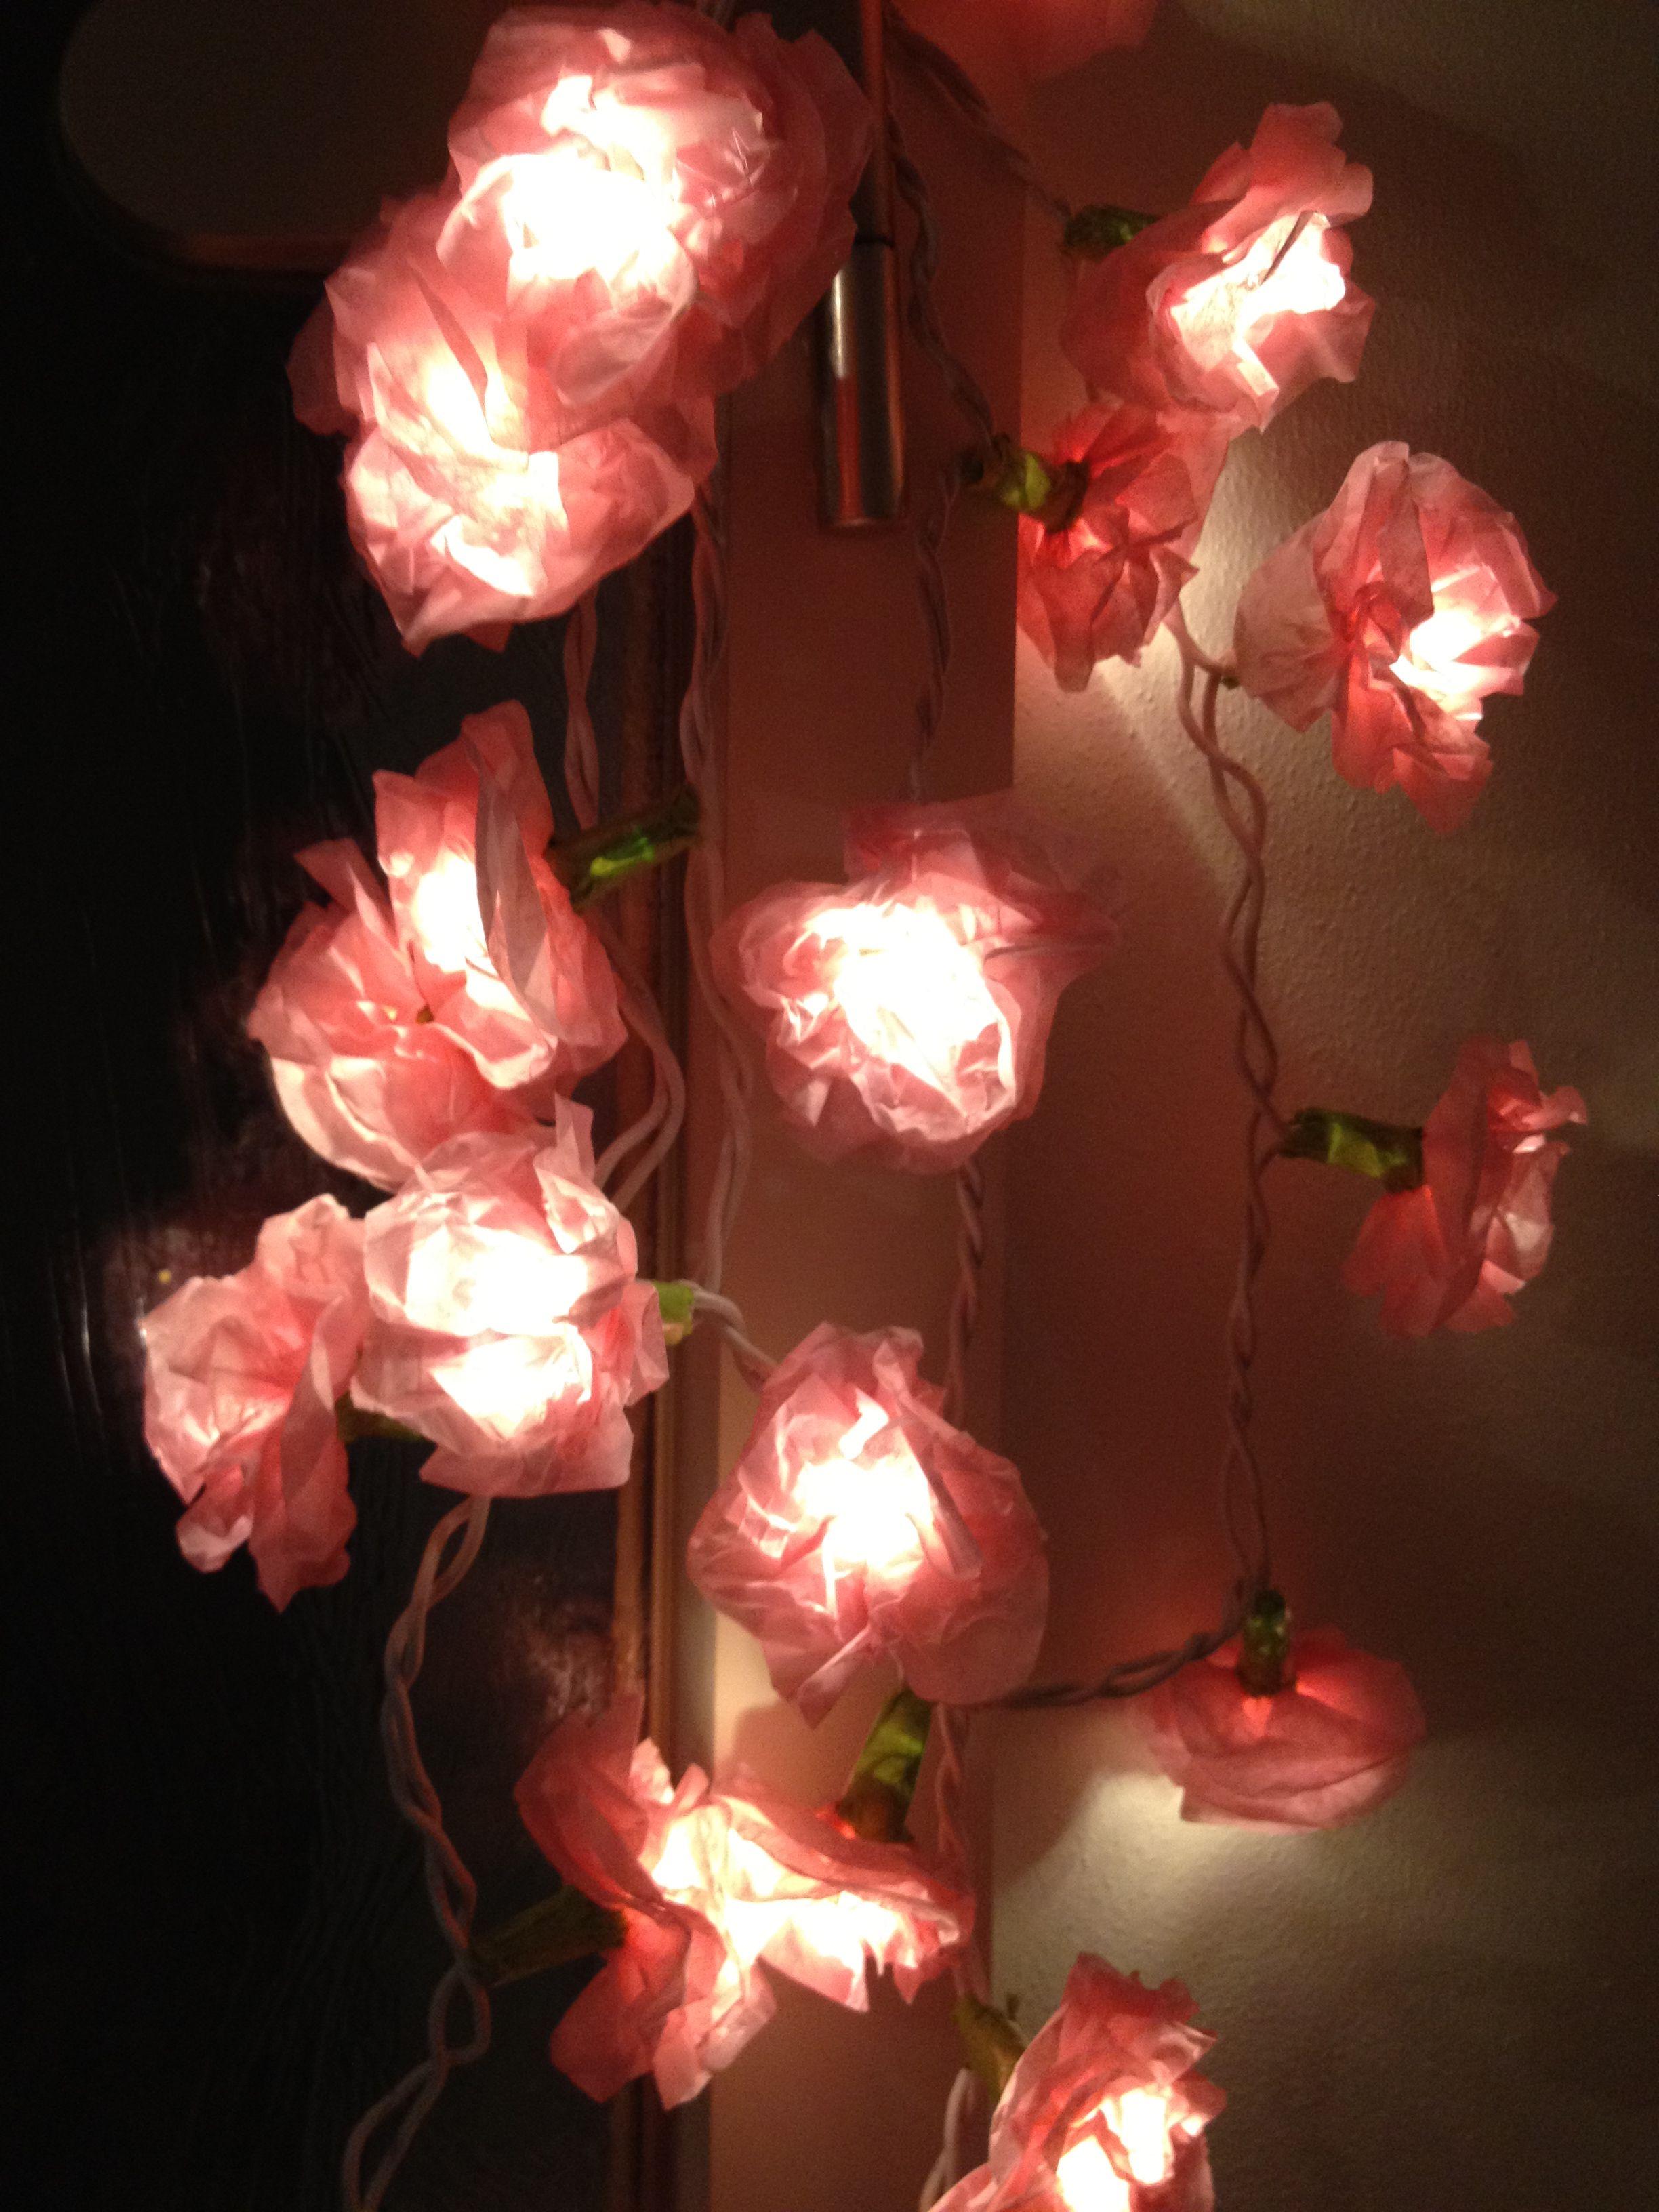 Led Lichterkette Mit Blumen Aus Seidenpapier Flugs Gebastelt Lichterkette Led Lichterkette Basteln